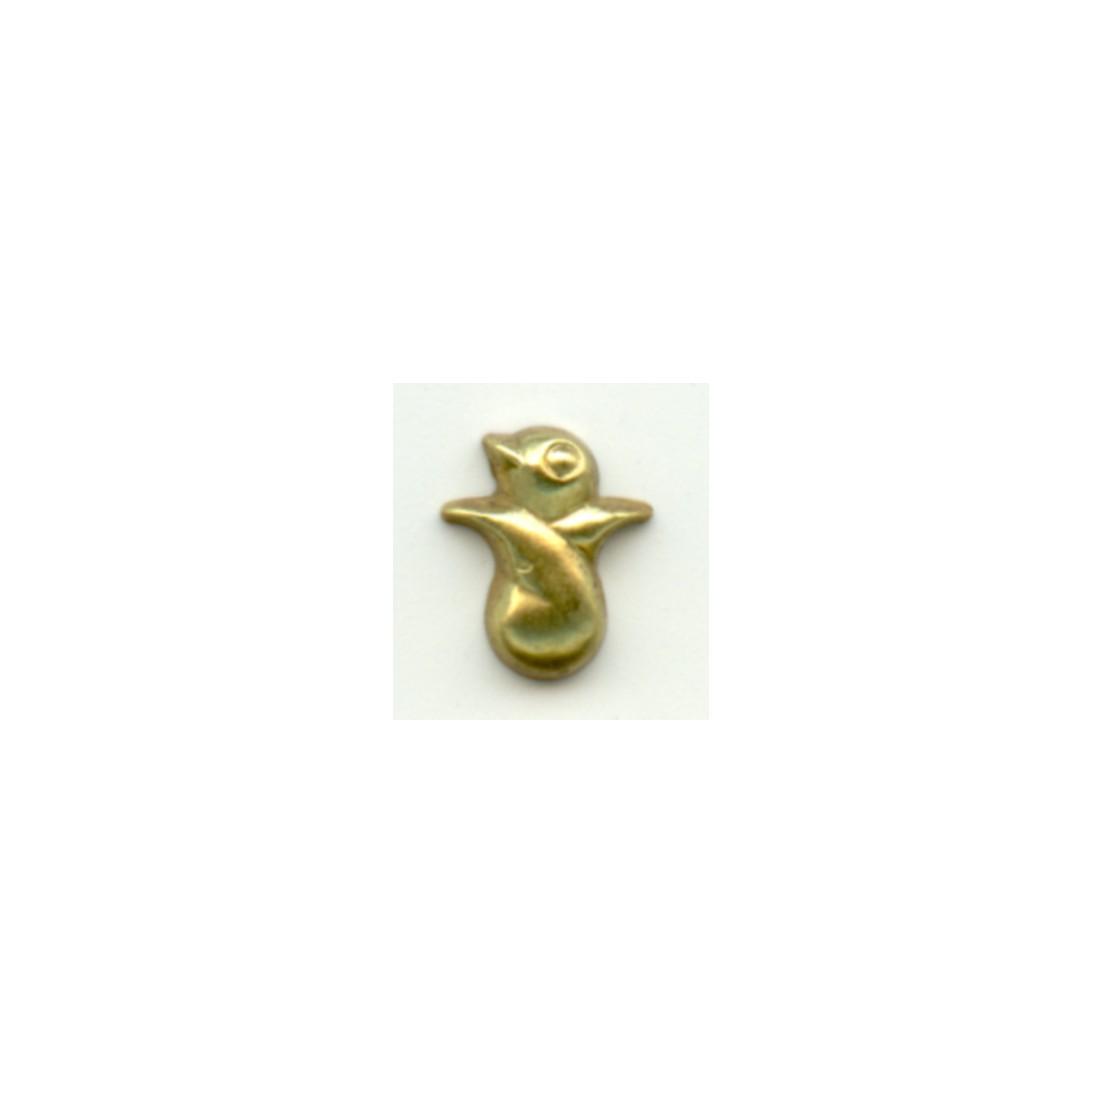 estampaciones para fornituras joyeria fabricante oro mayorista cordoba ref. 470154